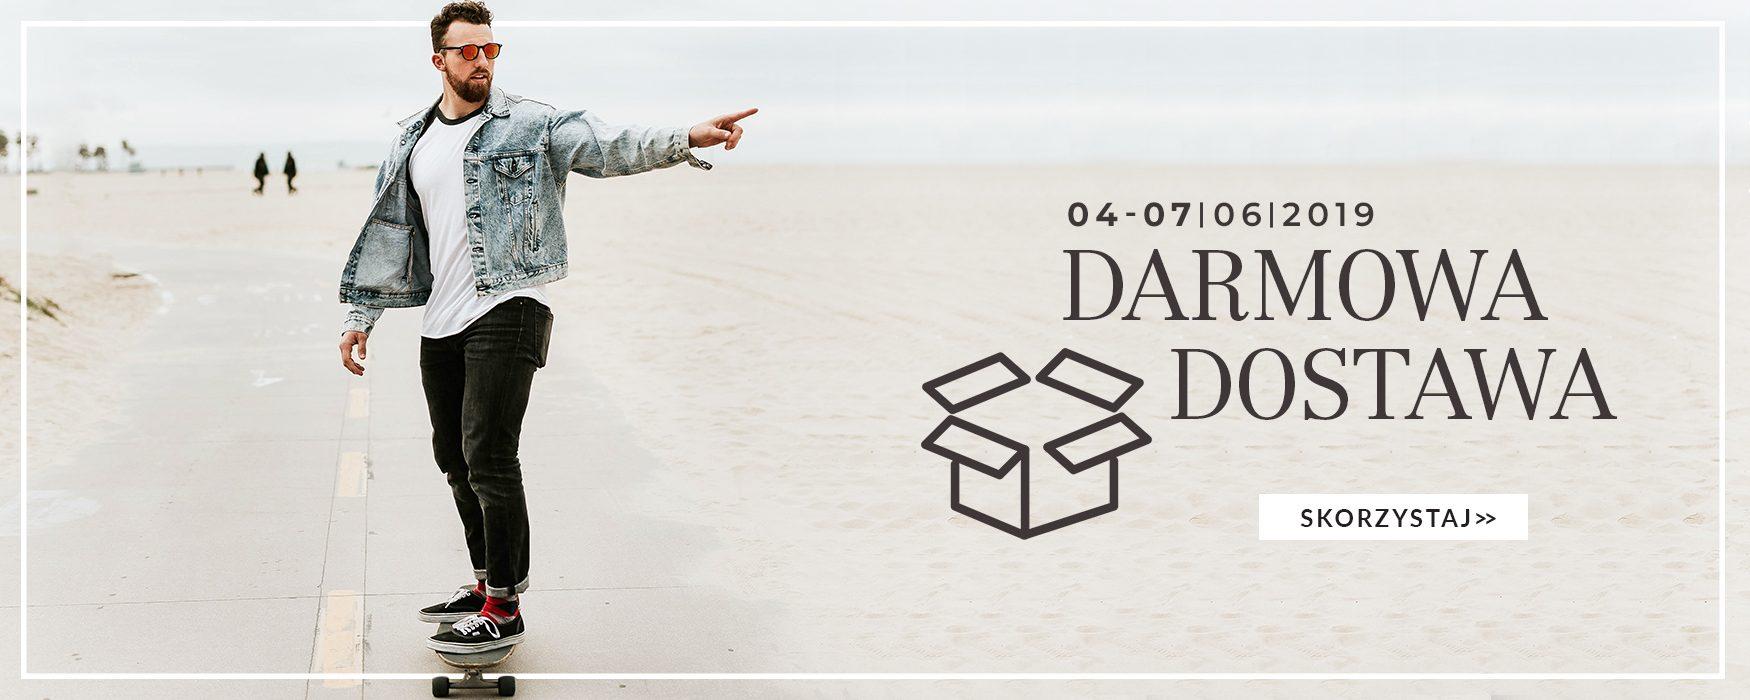 8c422549dc1dc Sklep odzieżowy: tanie ubrania online - sklep Dstreet.pl